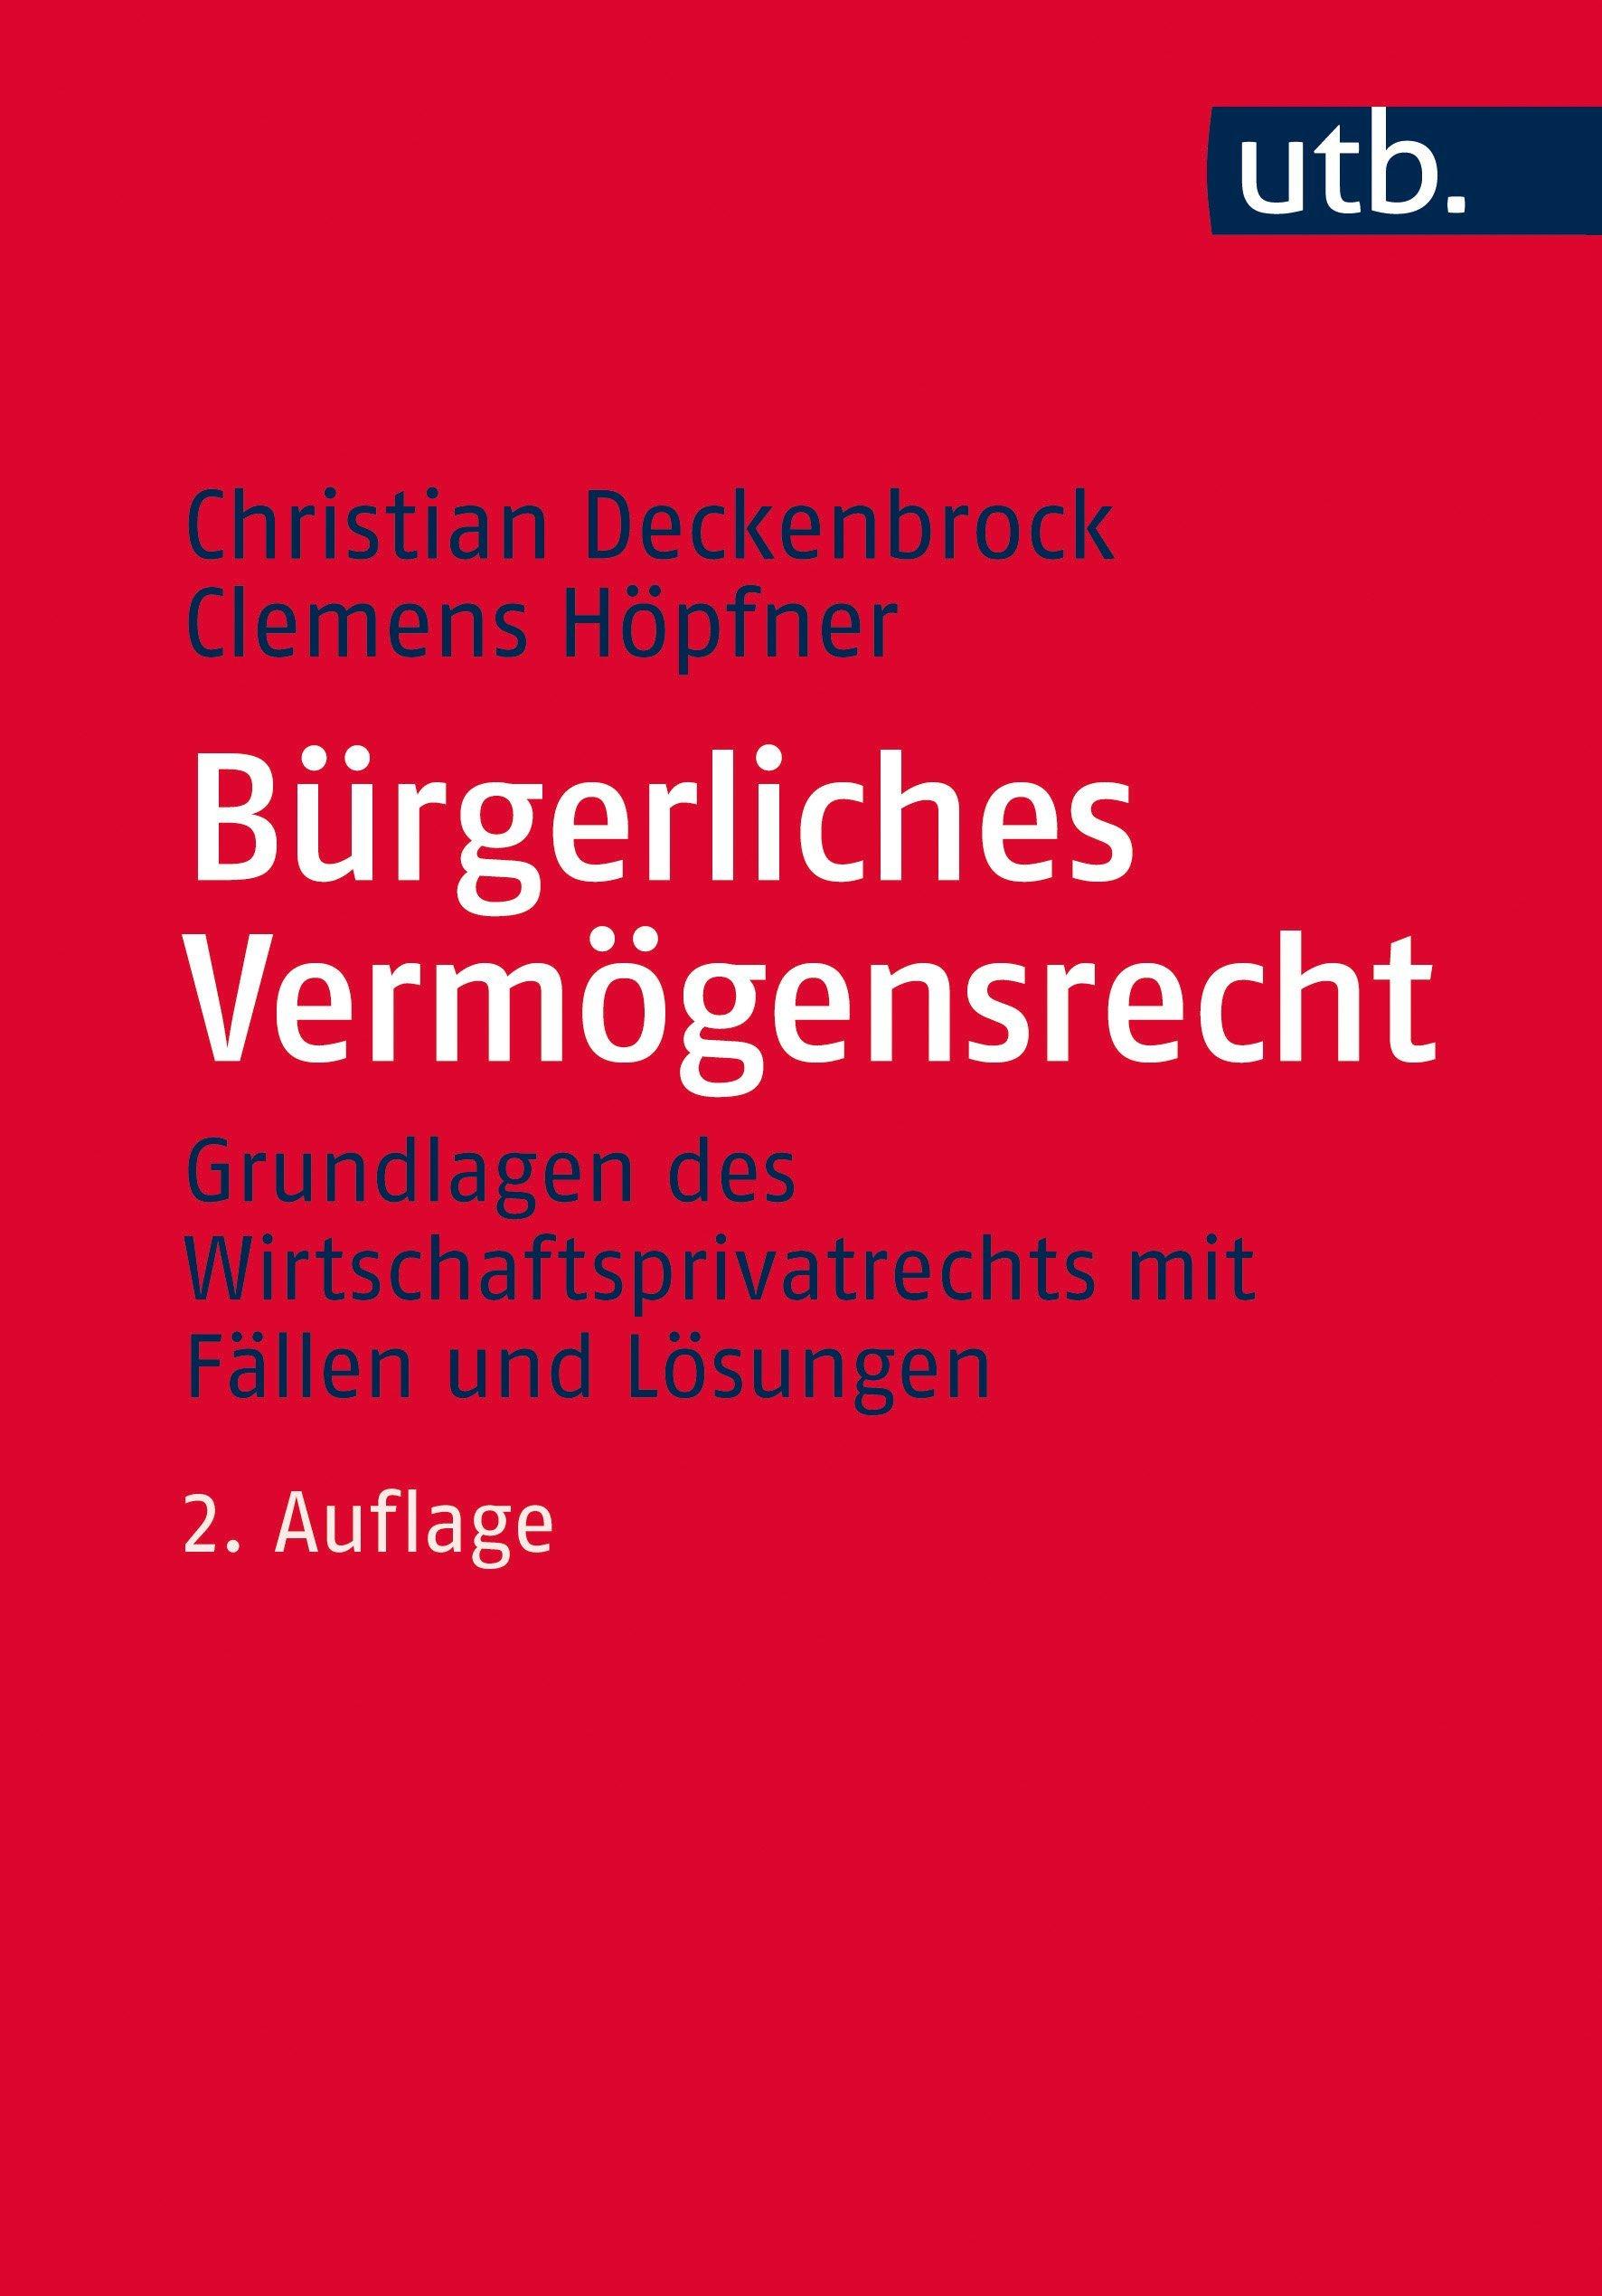 Bürgerliches Vermögensrecht: Grundlagen des Wirtschaftsprivatrechts mit Fällen und Lösungen Taschenbuch – 11. März 2015 Christian Deckenbrock Clemens Höpfner UTB GmbH 3825243567